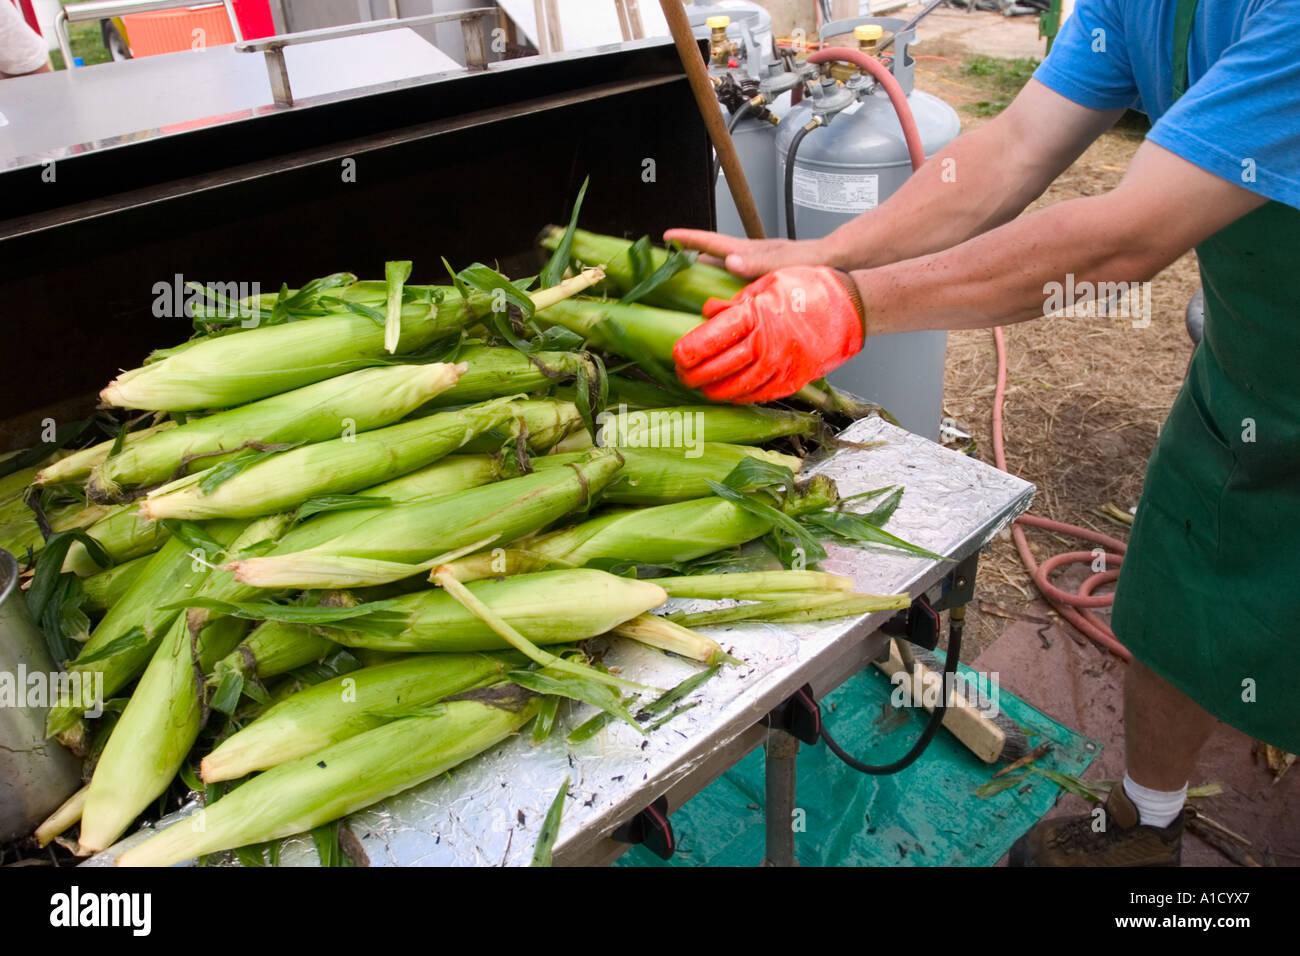 Fornitore maschio preparazione del mais per grigliare a una fiera in Connecticut USA. Immagini Stock